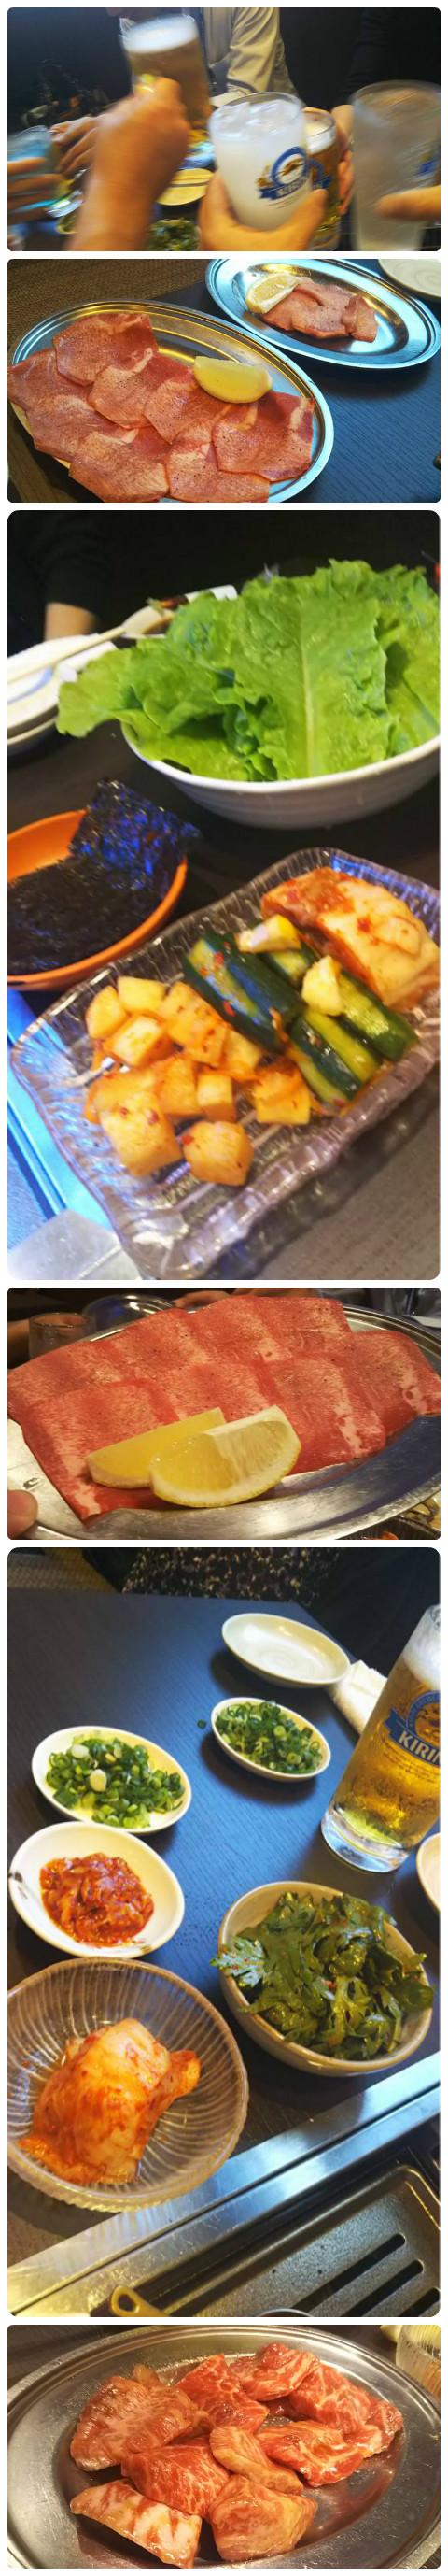 焼き肉『宝城園』さんで美味しいお肉をたらふく食べて、幸せな気分に❤